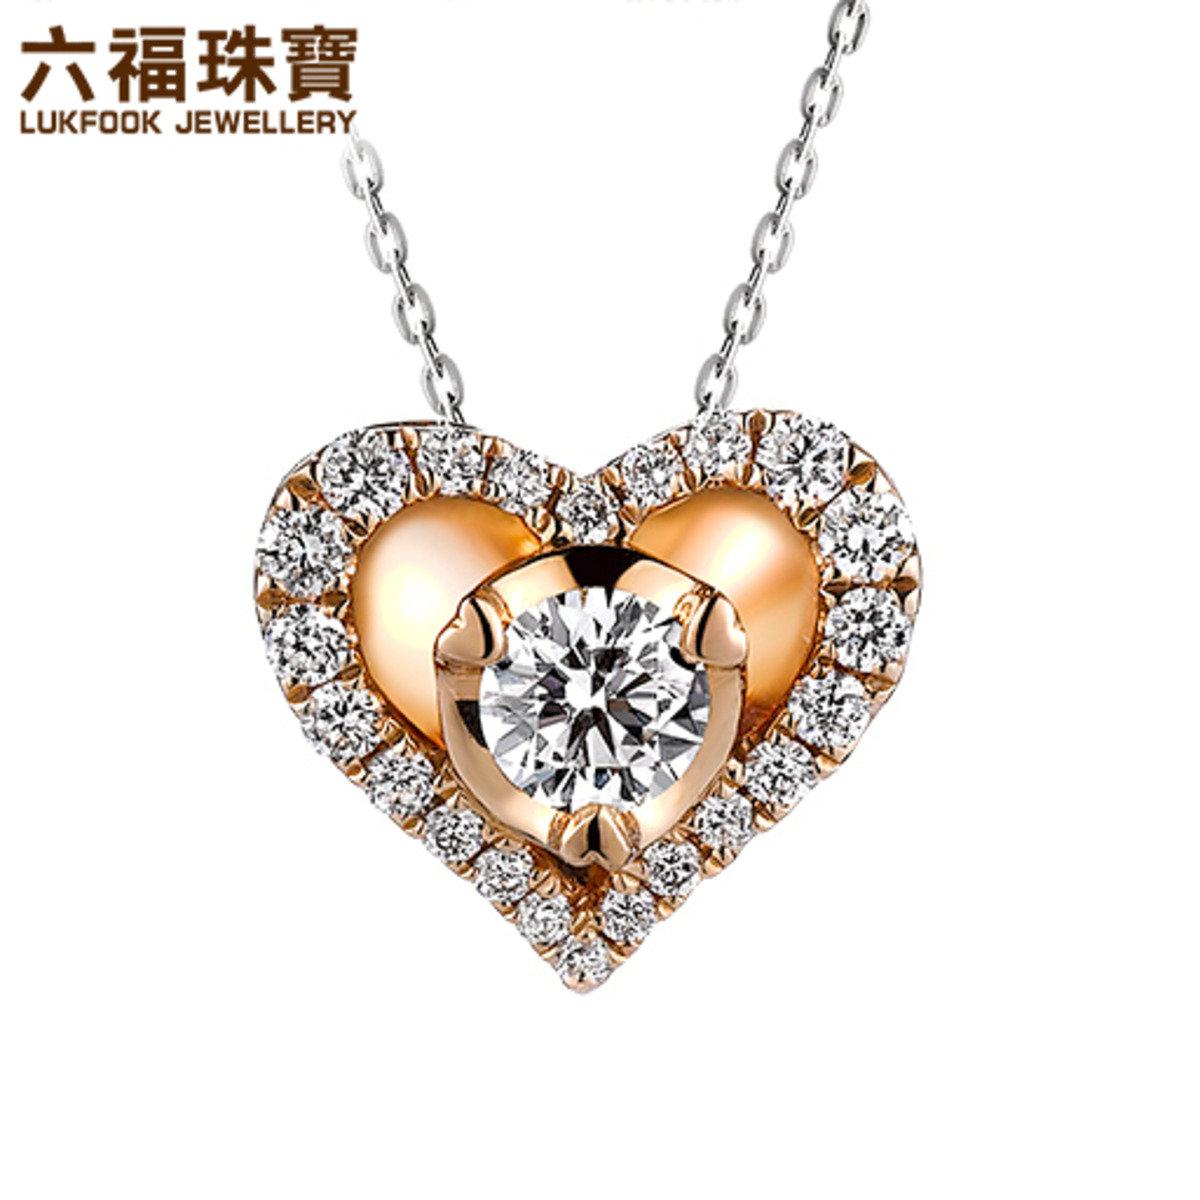 愛很美  女裝 18K/750金(紅色)鑲單鑽石襯鑽石吊墜